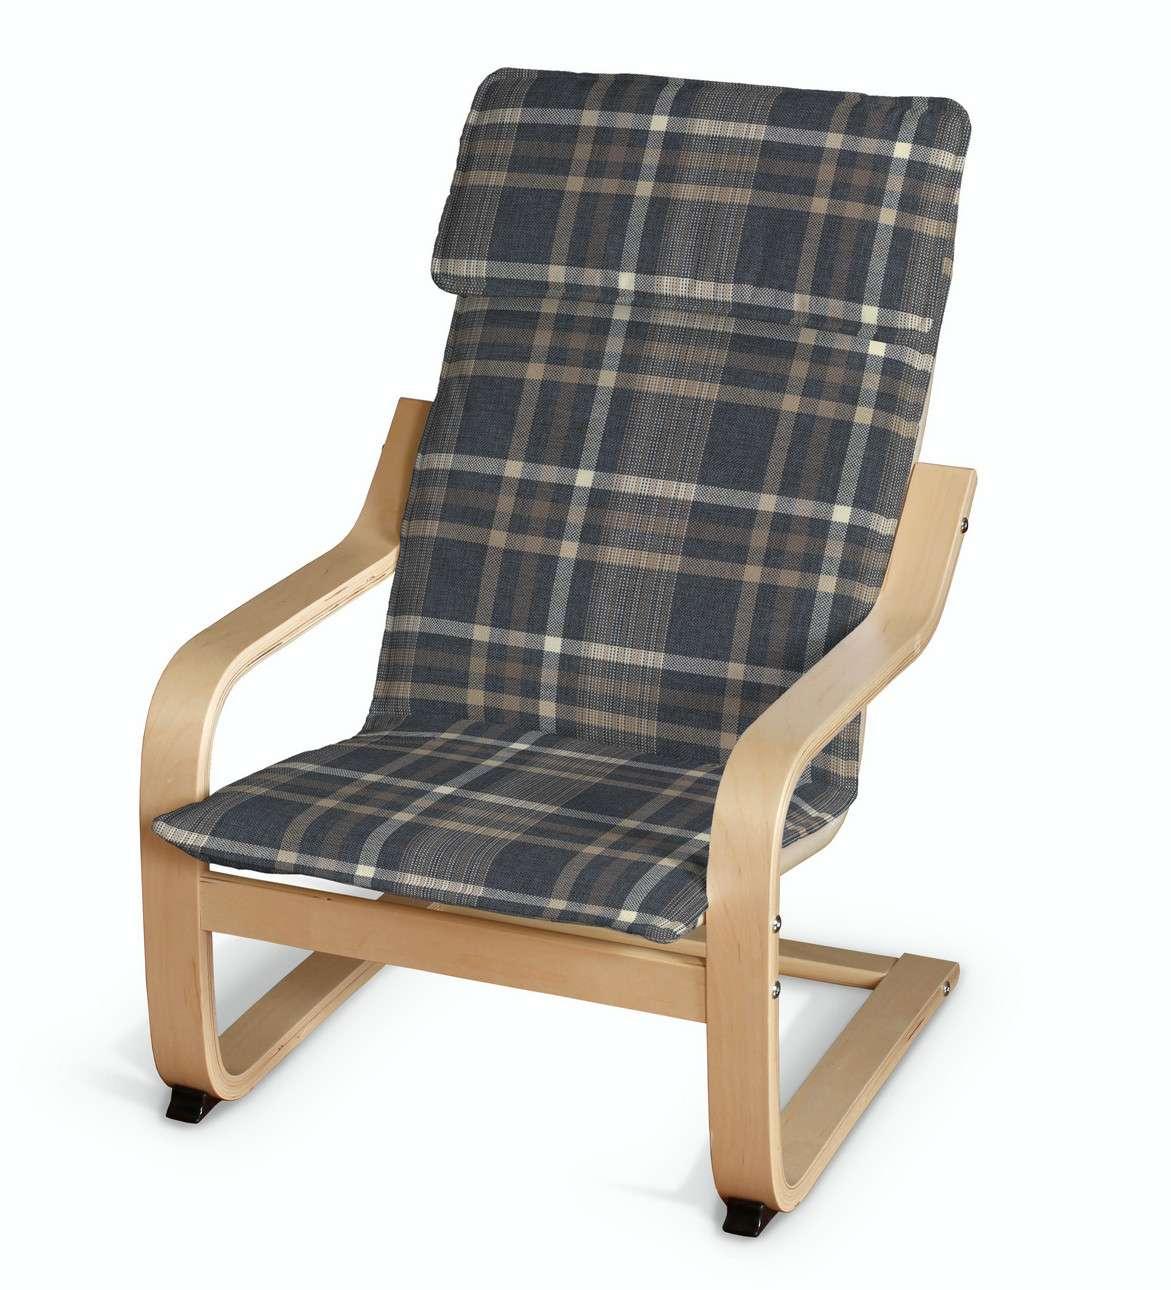 Poduszka na fotelik dziecięcy Poäng w kolekcji Edinburgh, tkanina: 703-16